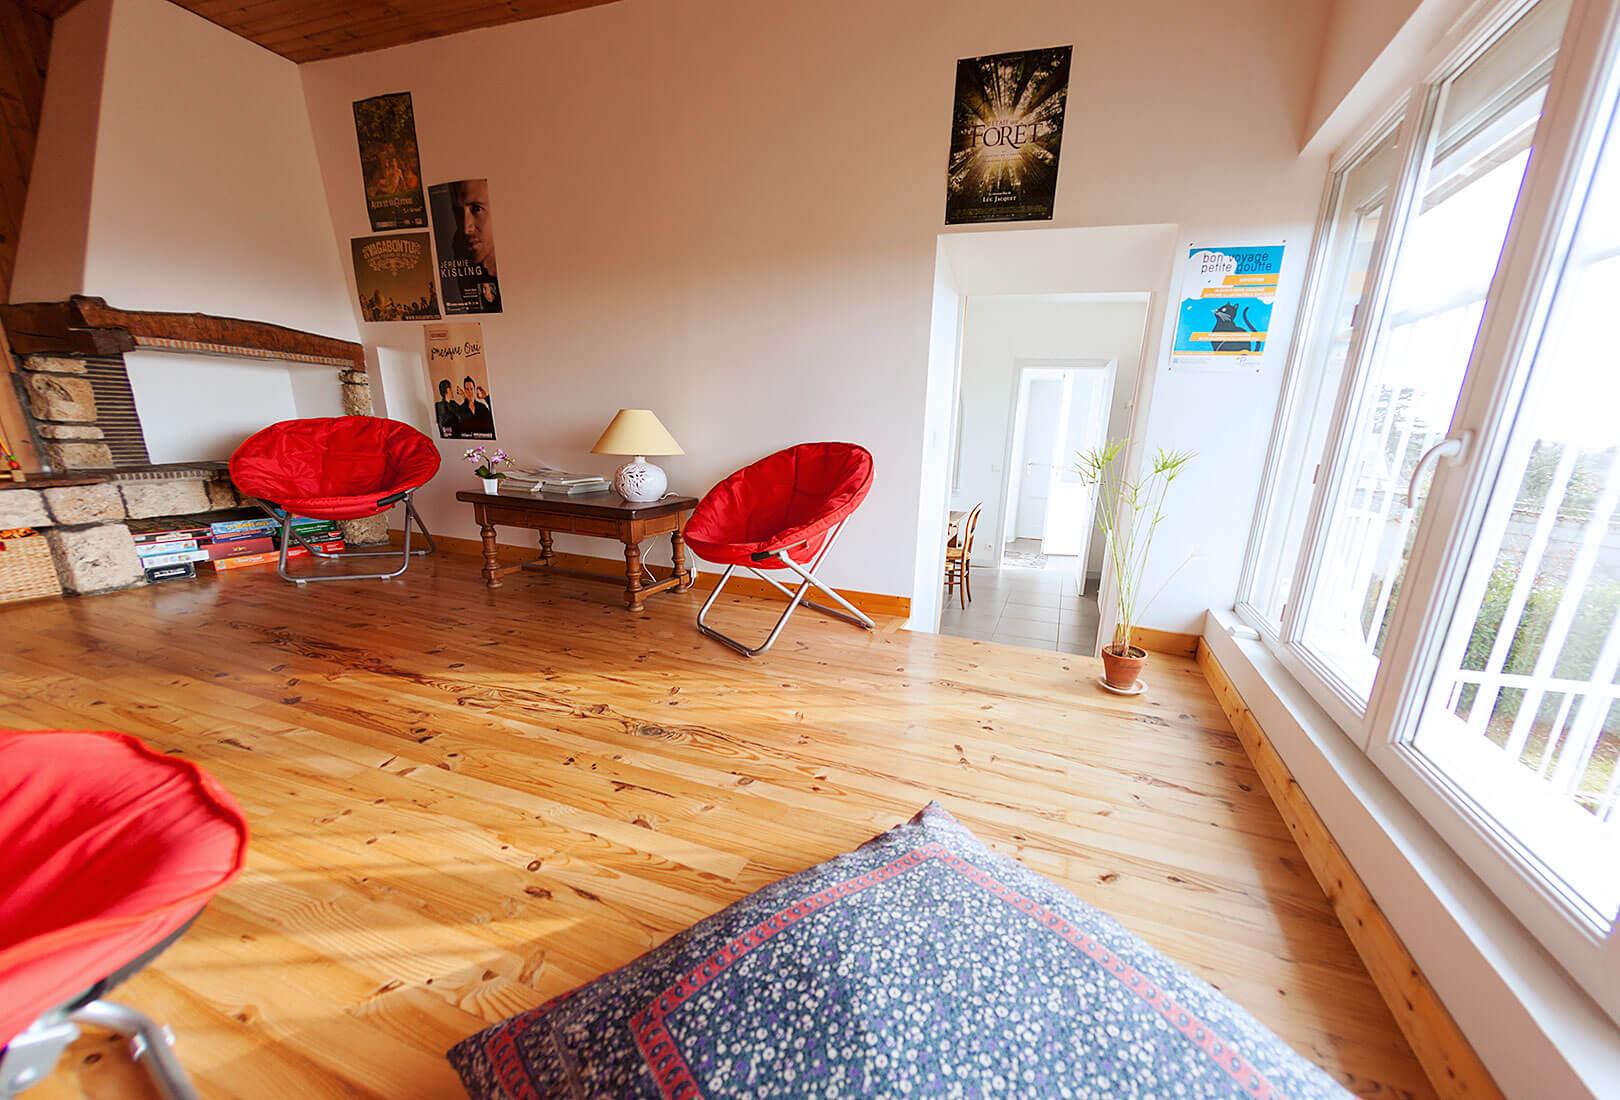 Salon chaleureux et lumineux : Dombes et beaujolais lescale chambres dhôtes trévoux 01